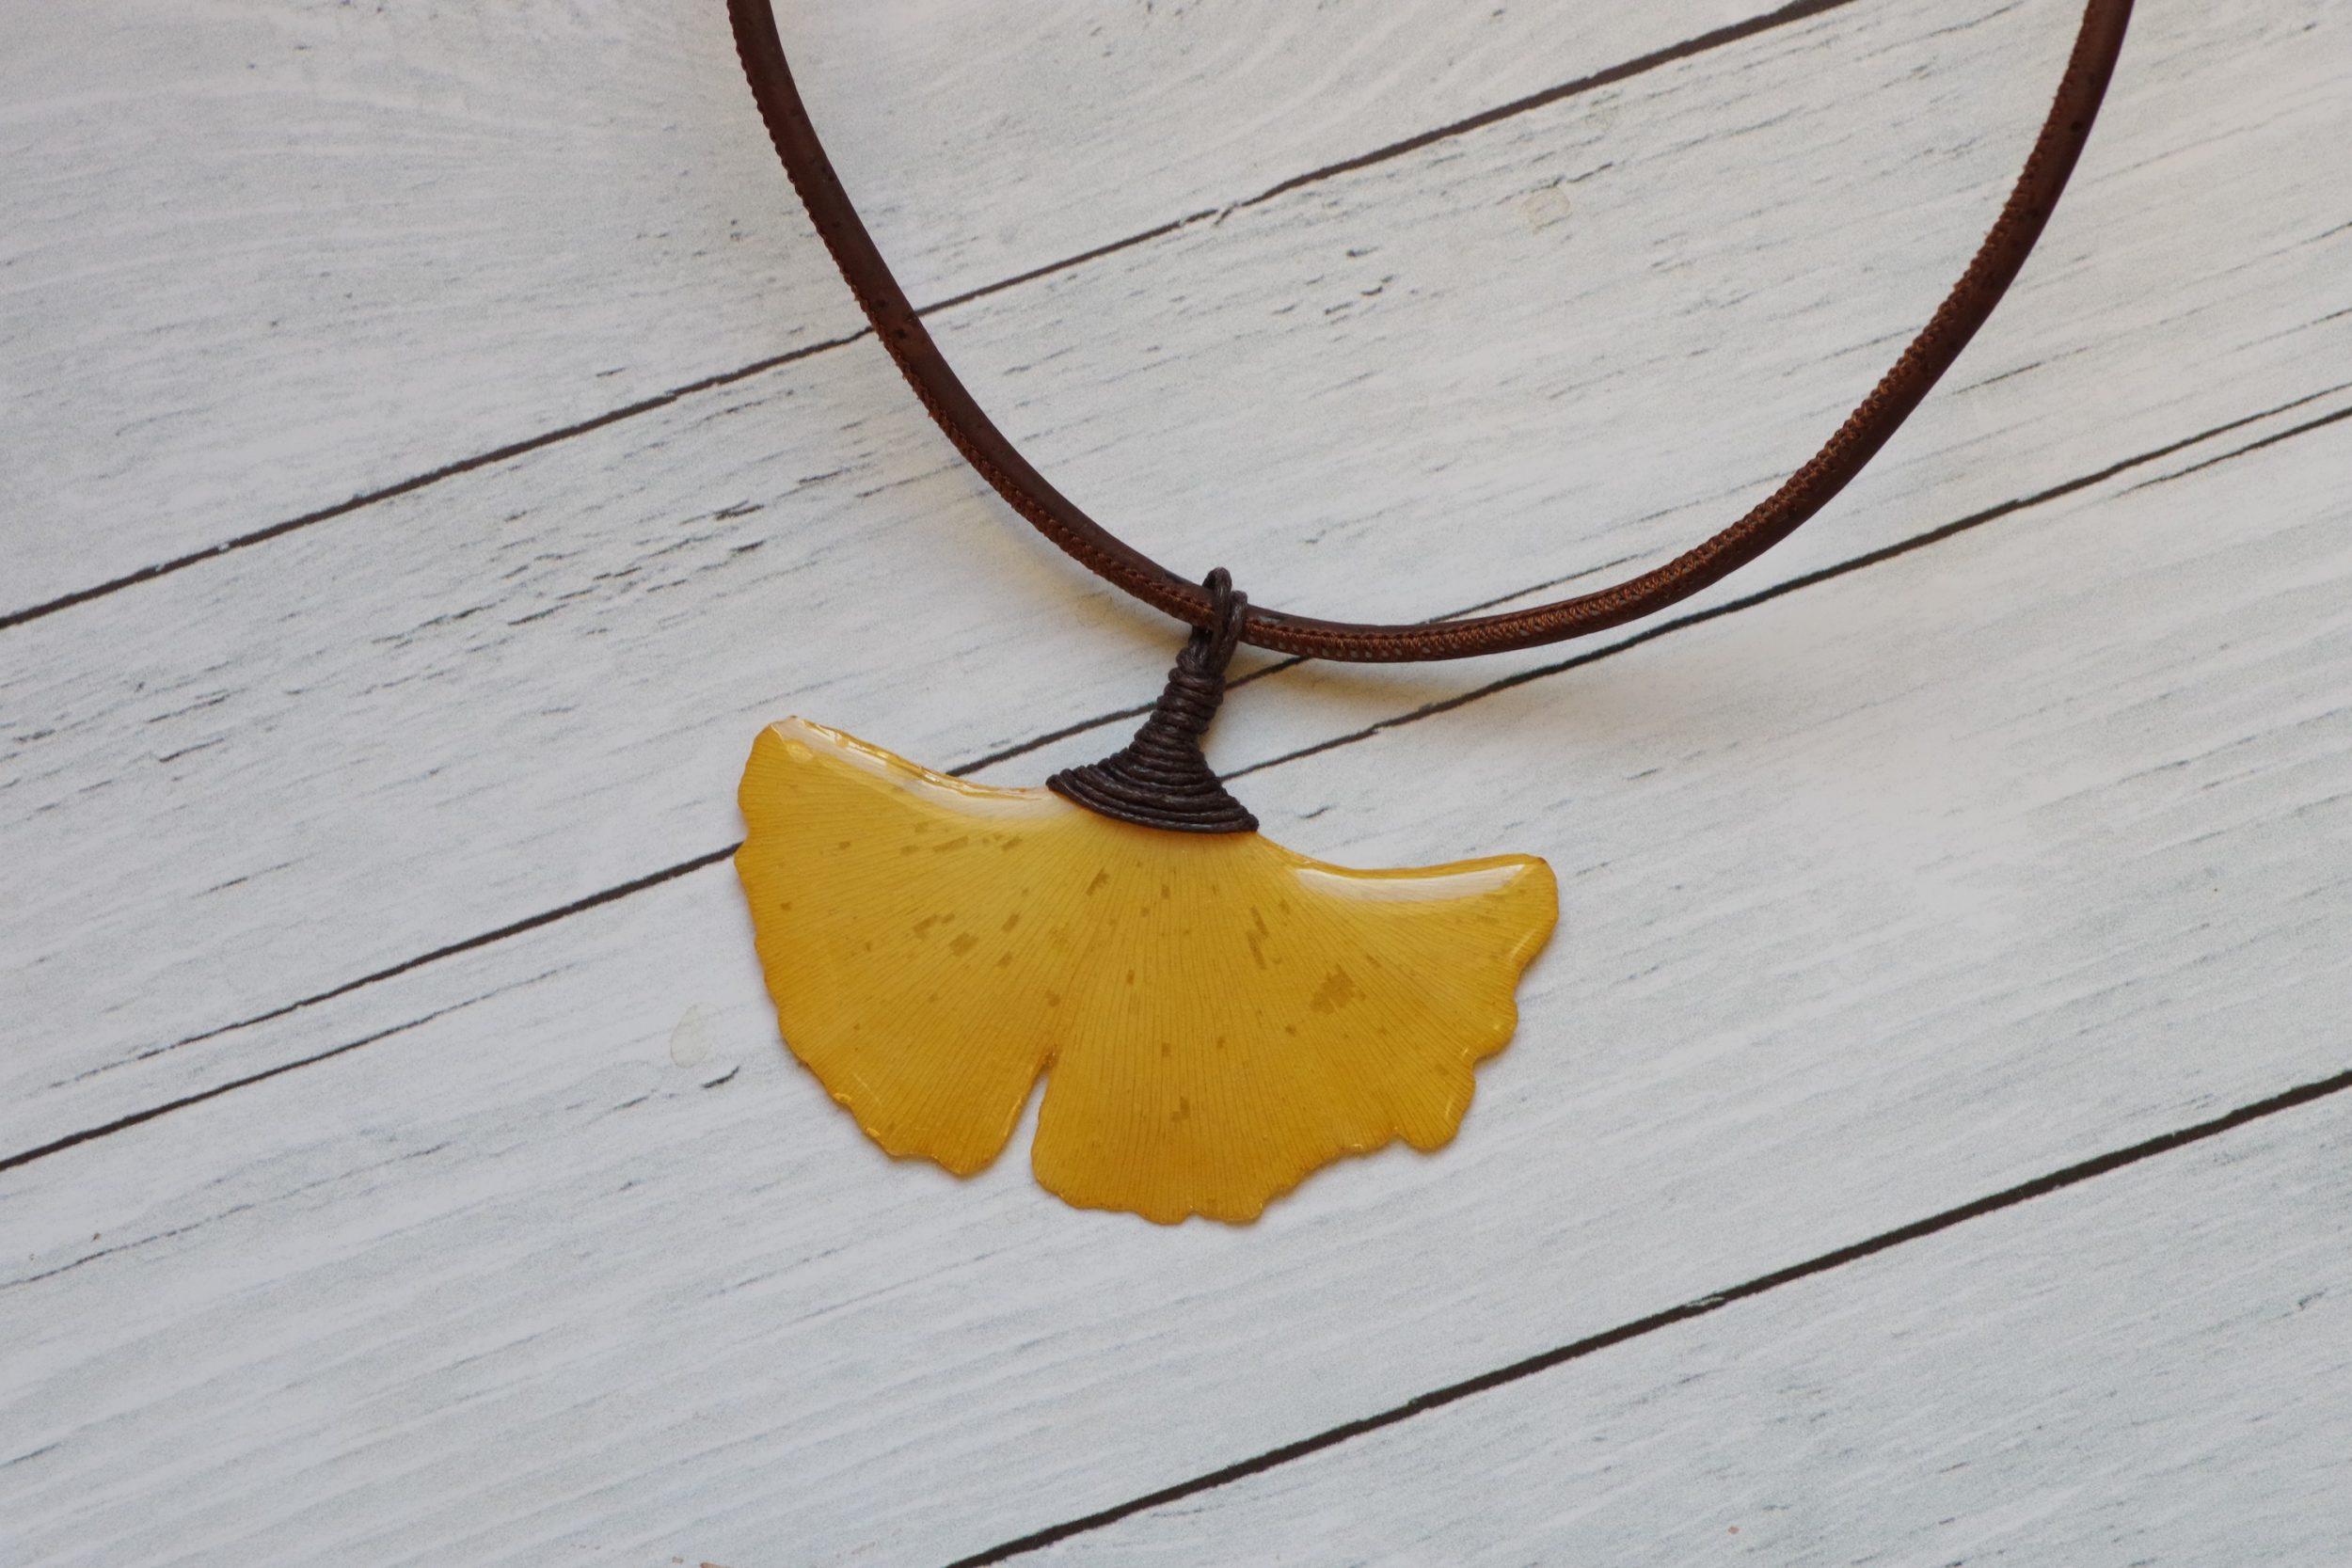 pendentif feuille jaune de ginkgo biloba vu en gros plan, on voit bien l'effet laqué de la résine